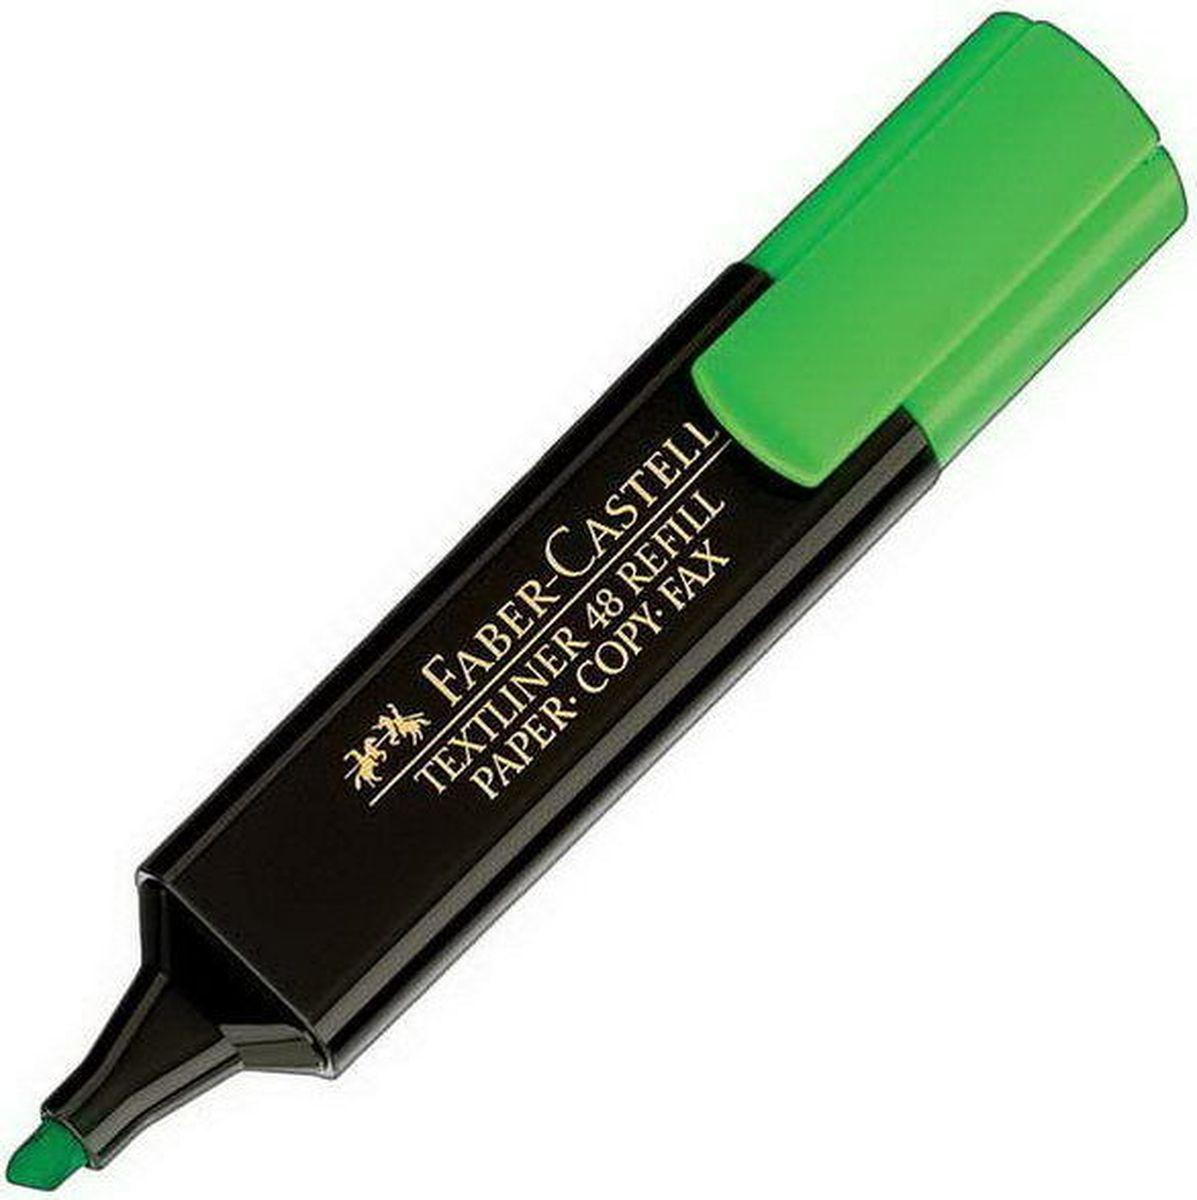 Faber-Castell Текстовыделитель 1548 цвет зеленый154863Текстовыделитель Faber-Castell станет незаменимым предметом, как на столе школьника, так и студента.Имеет возможность повторногонаполнения. Он идеален для всех видов бумаги. Чернила на водной основе.Линия маркировки шириной 5, 2 или1 мм.